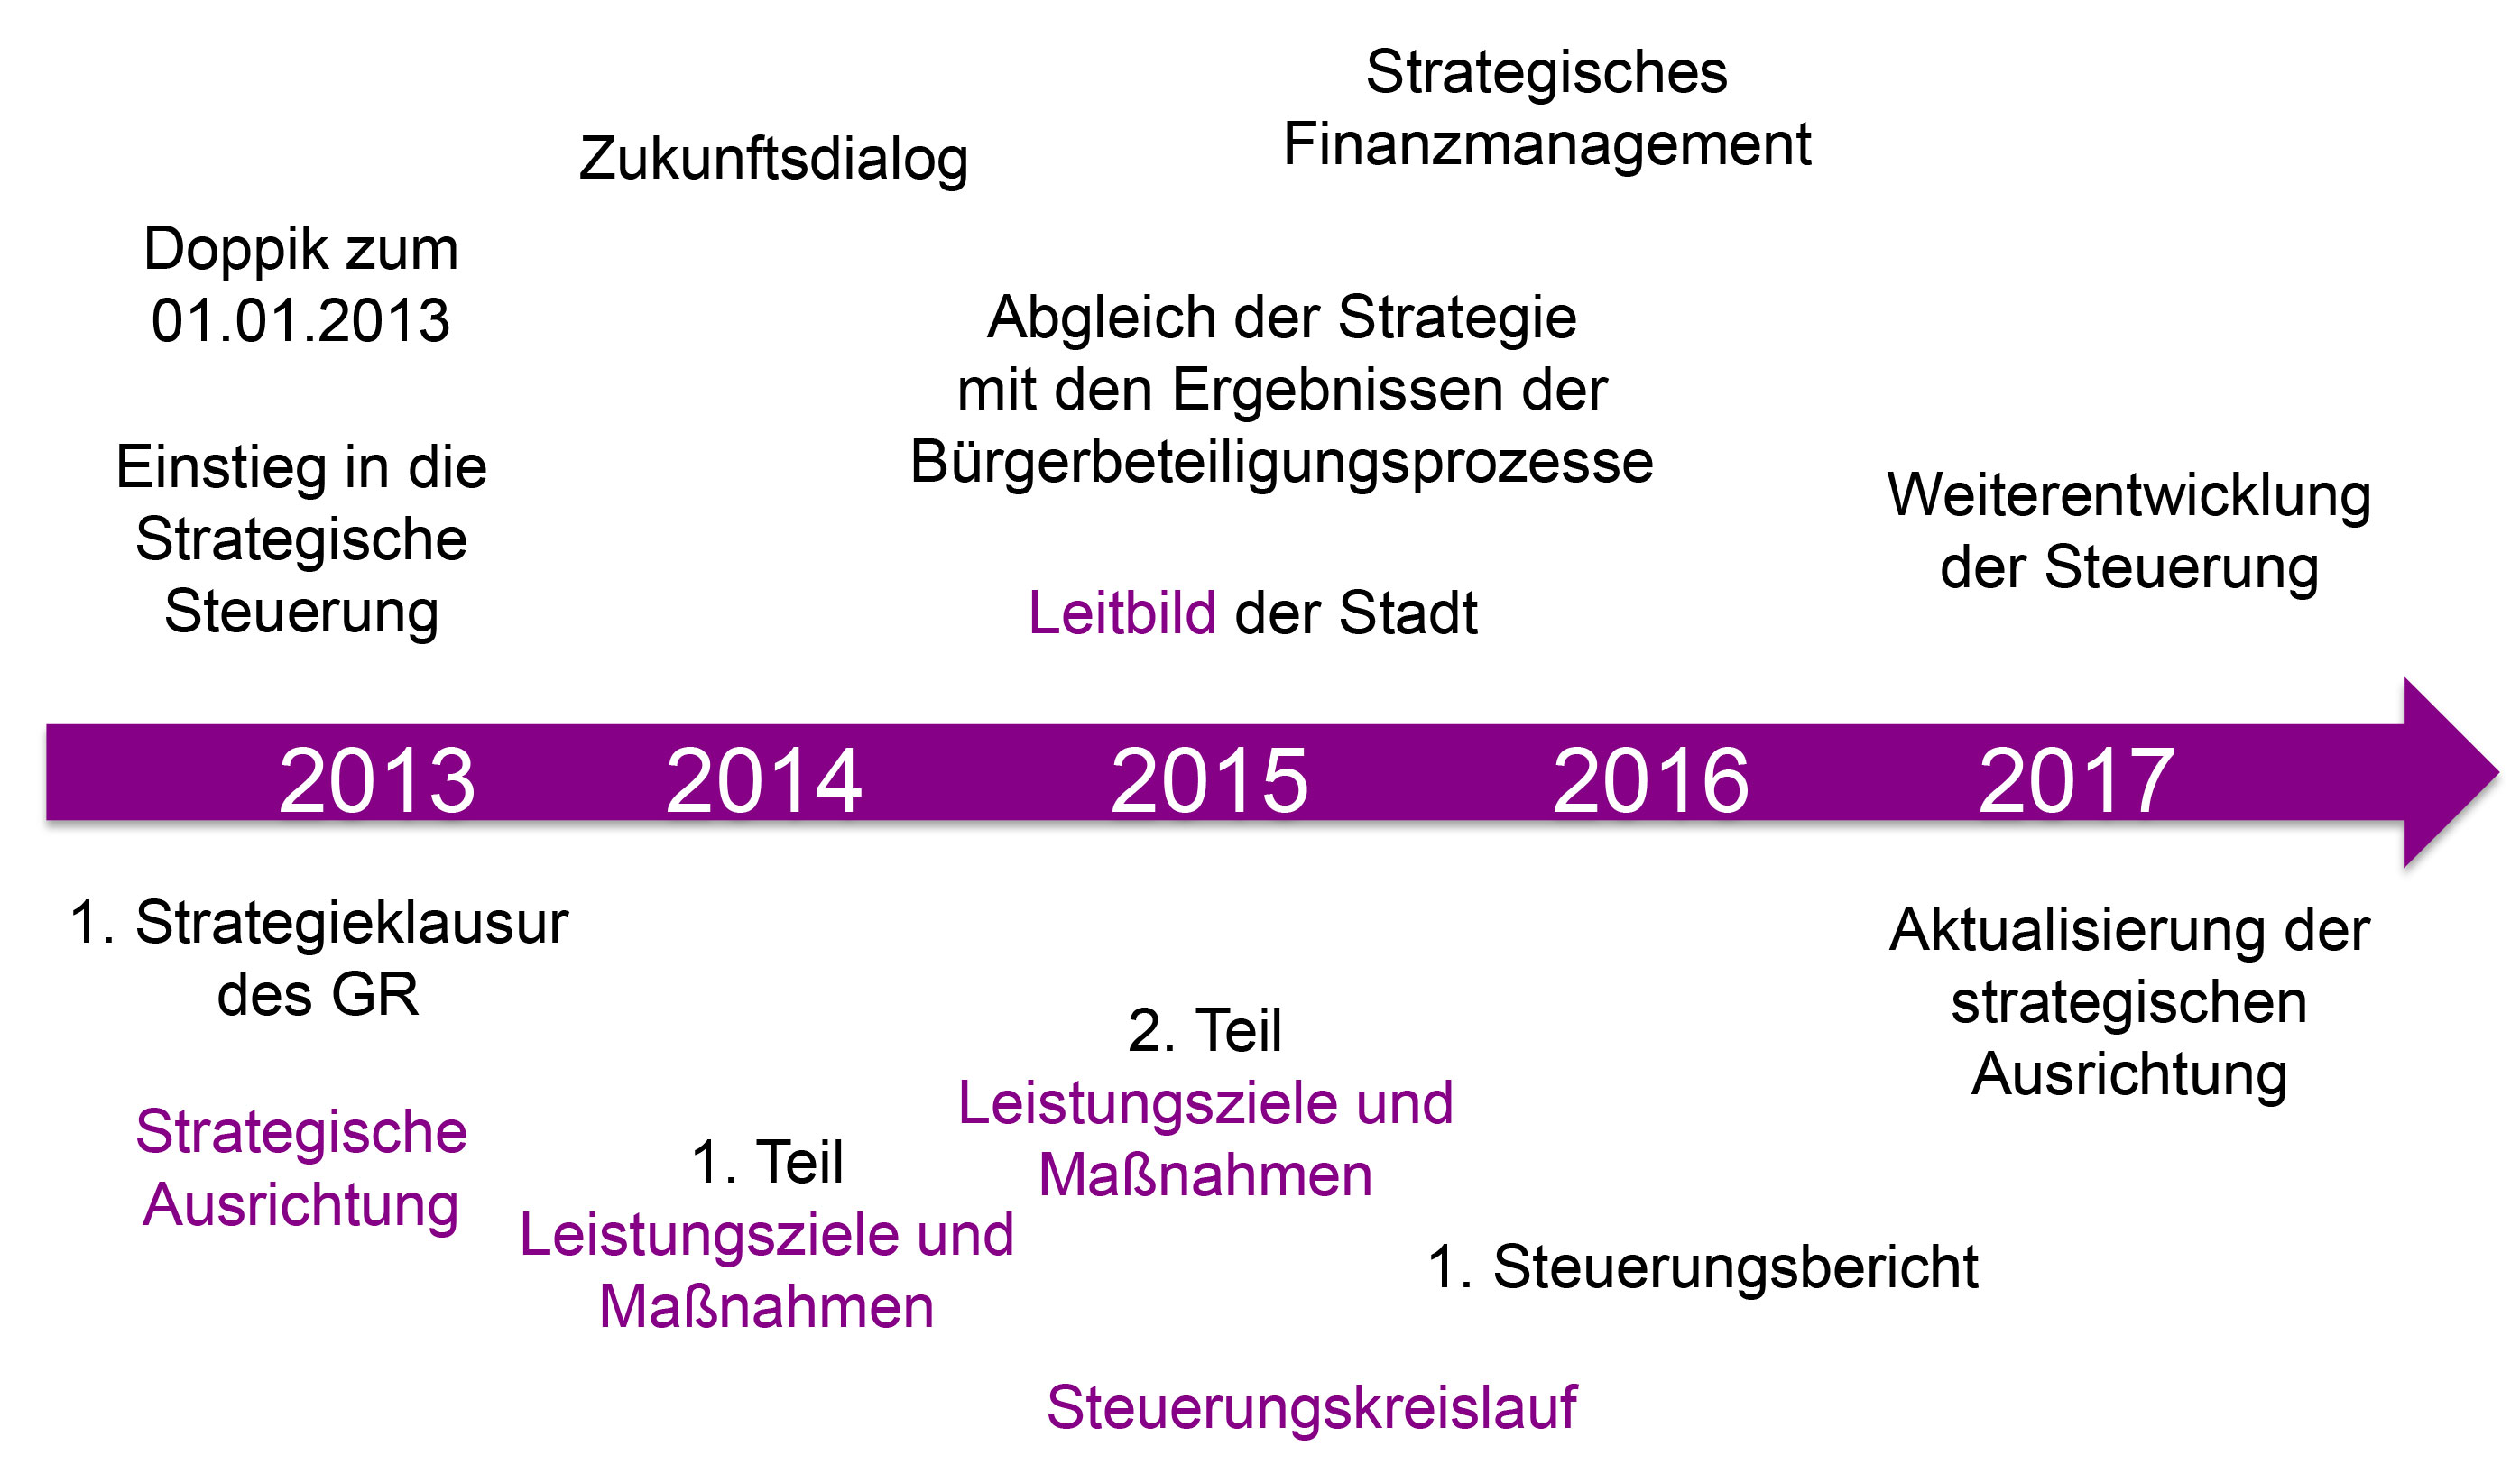 Rückblick auf den Prozess der Strategischen Ausrichtung bei der Stadt Kirchheim unter Teck